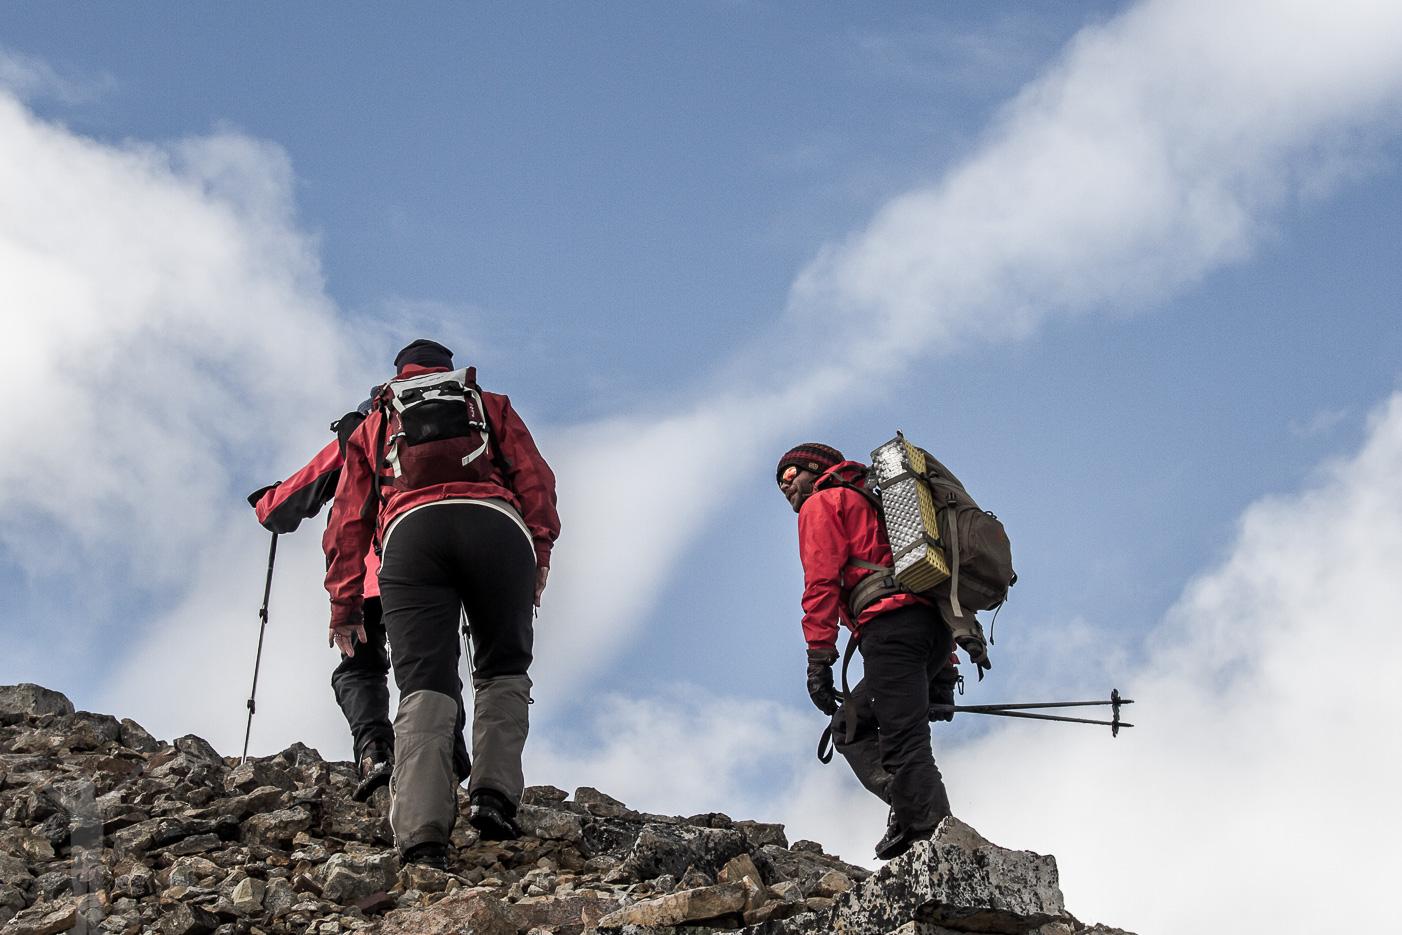 Bergsbestigning på Svalbard